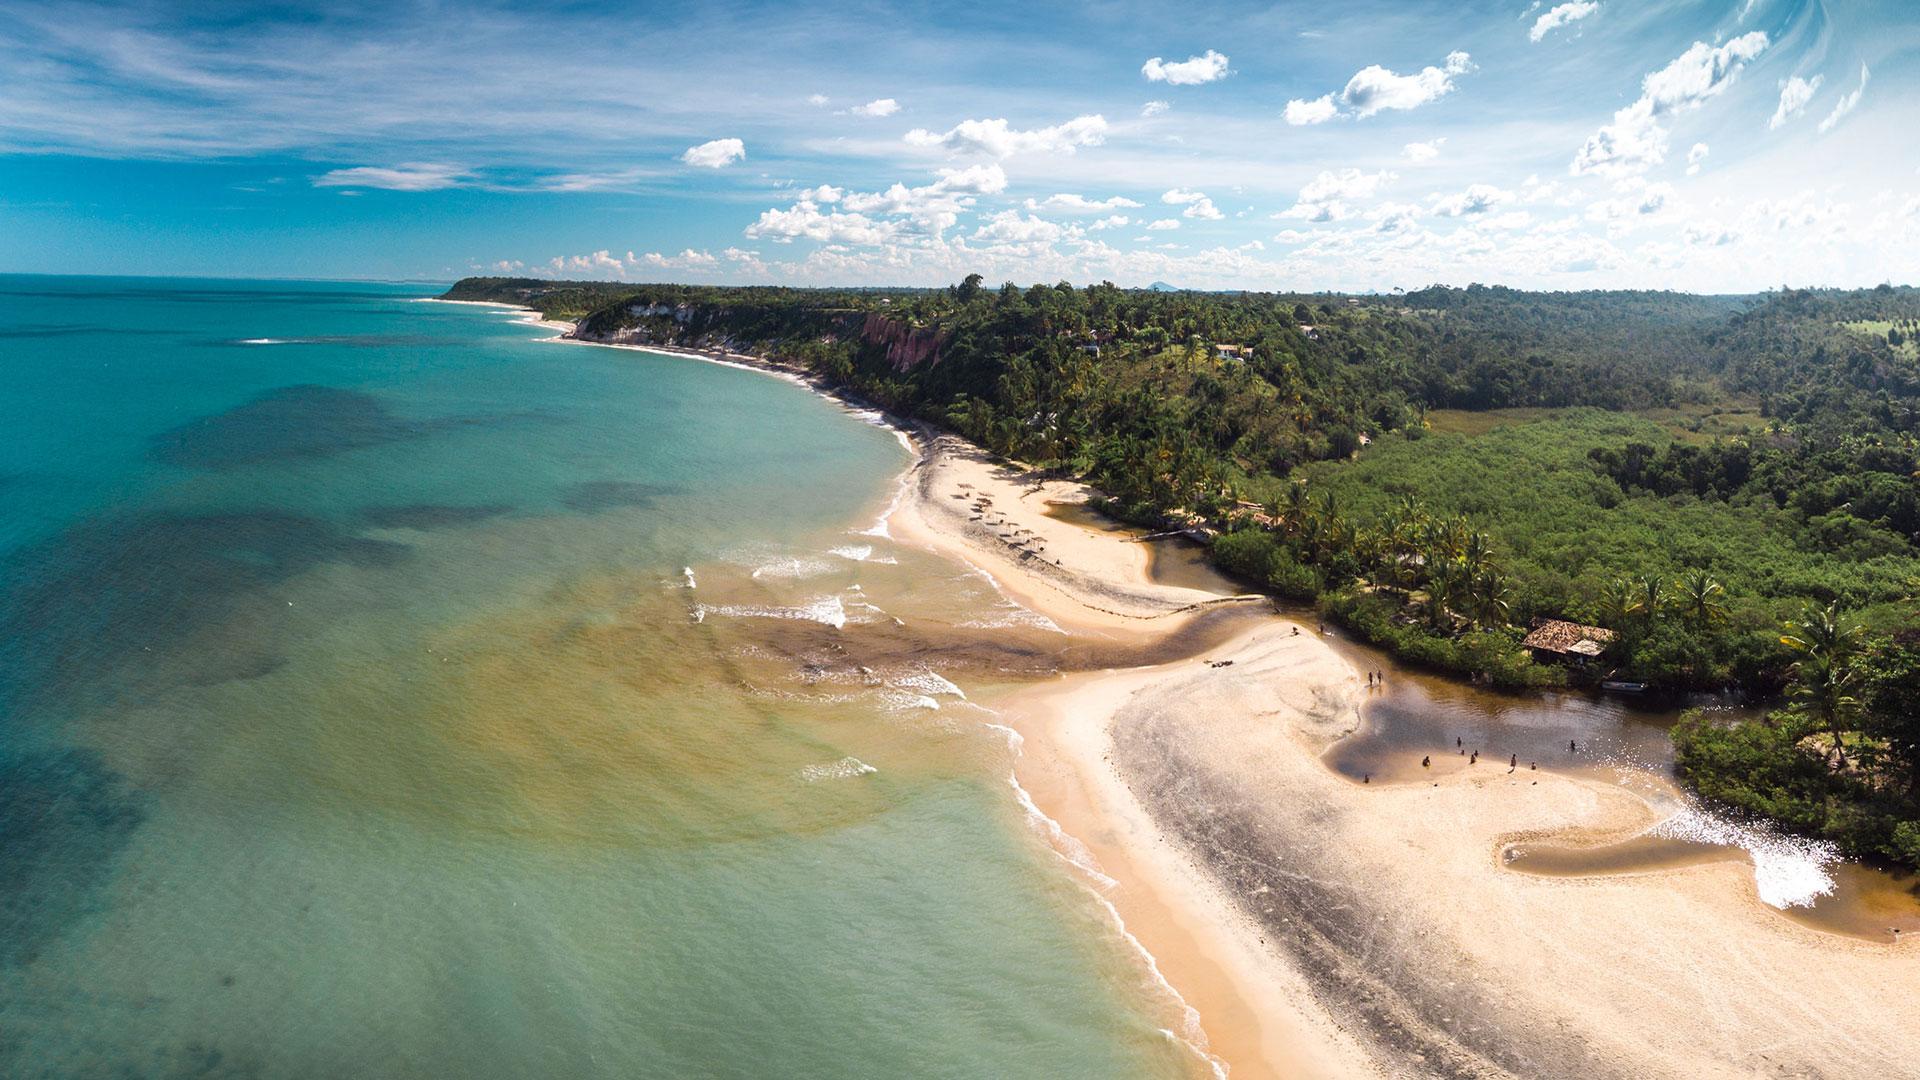 Trancoso es uno de los destinos favoritos del litoral de Bahía. Arenas finas, aguas cálidas y cristalinas y playas con pocos visitantes, son algunos de los atractivos que tiene para ofrecer